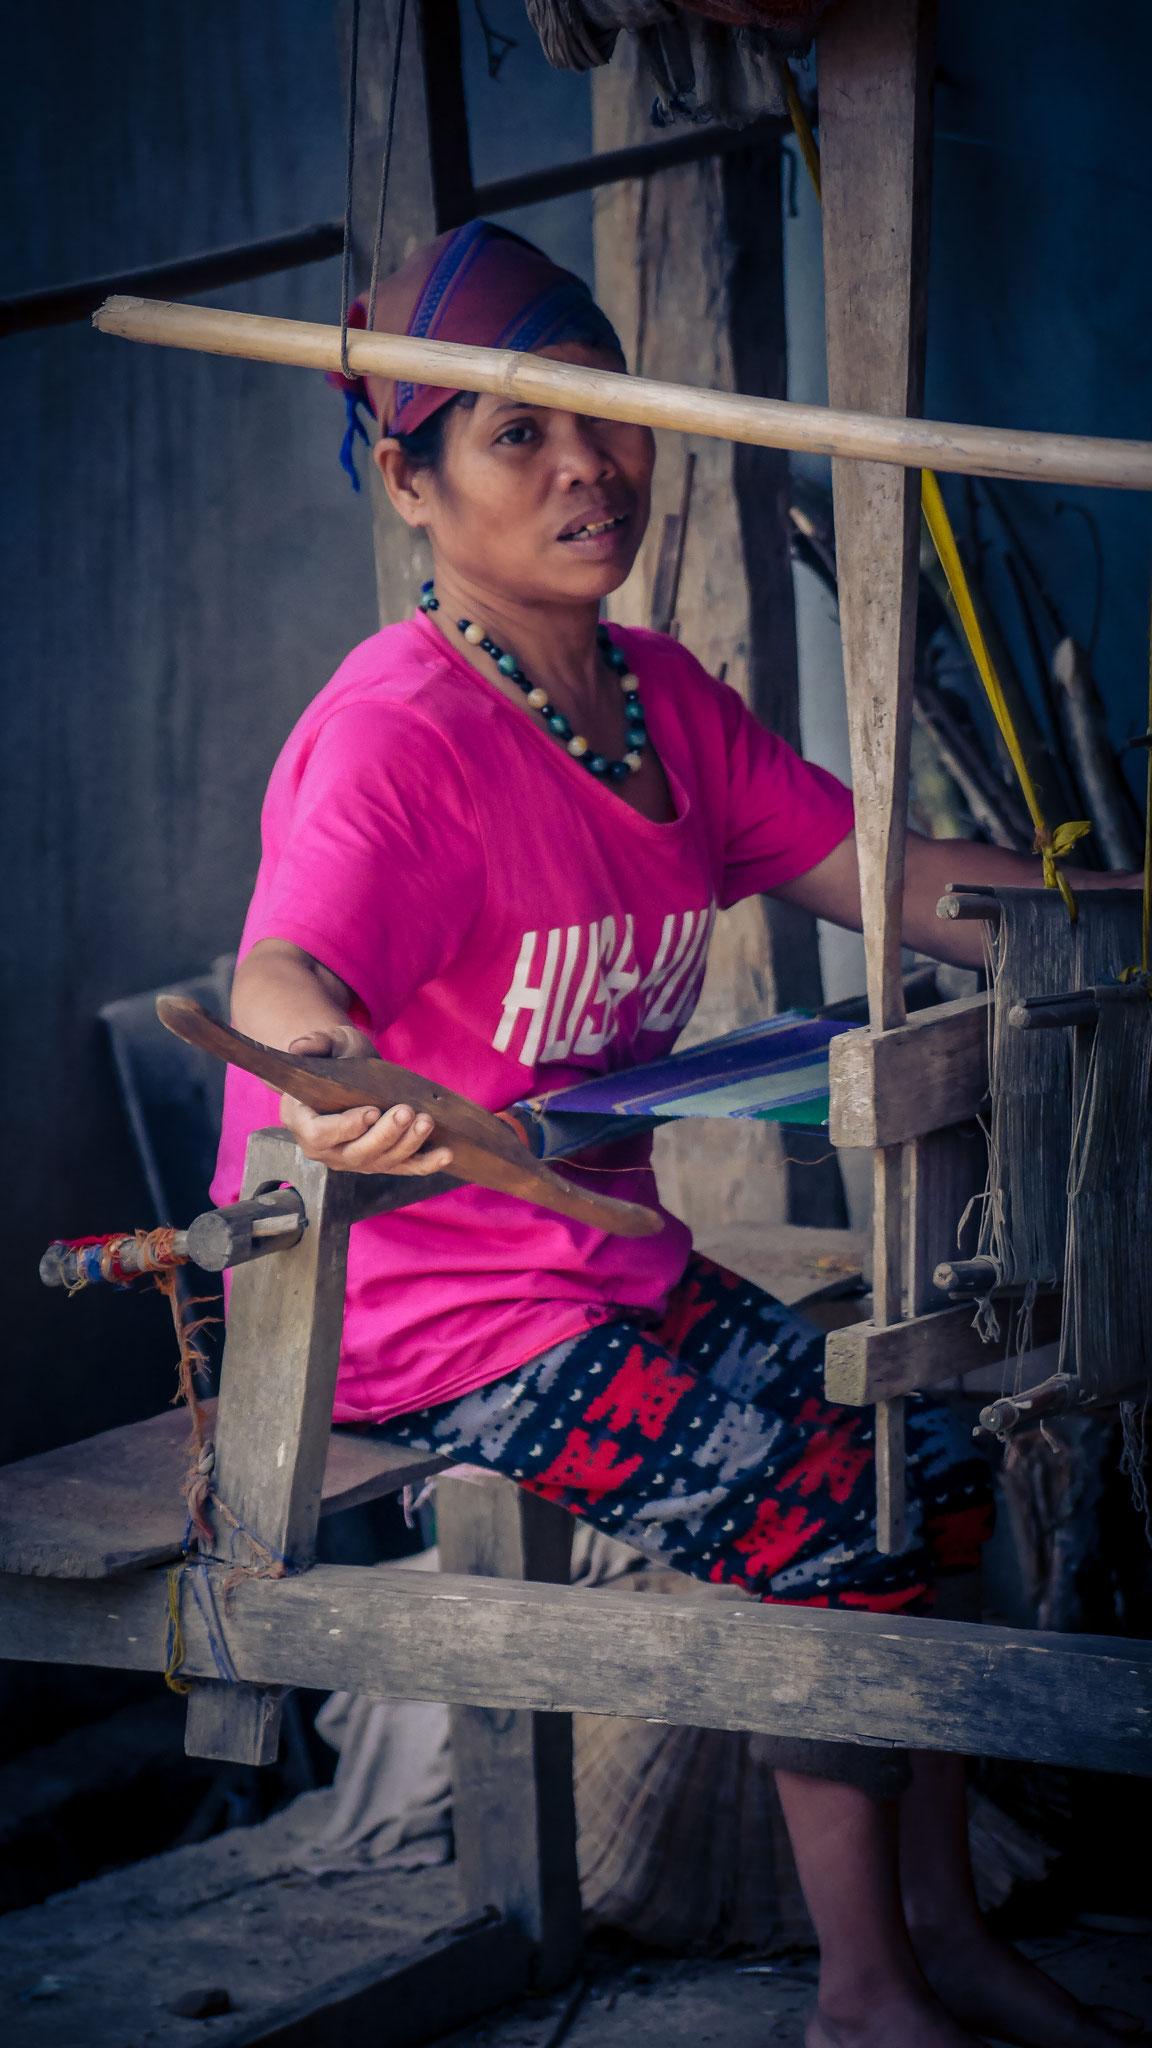 Radtour durch die Reisfelder Mai Chau - jedes Haus hat einen Webstuhl